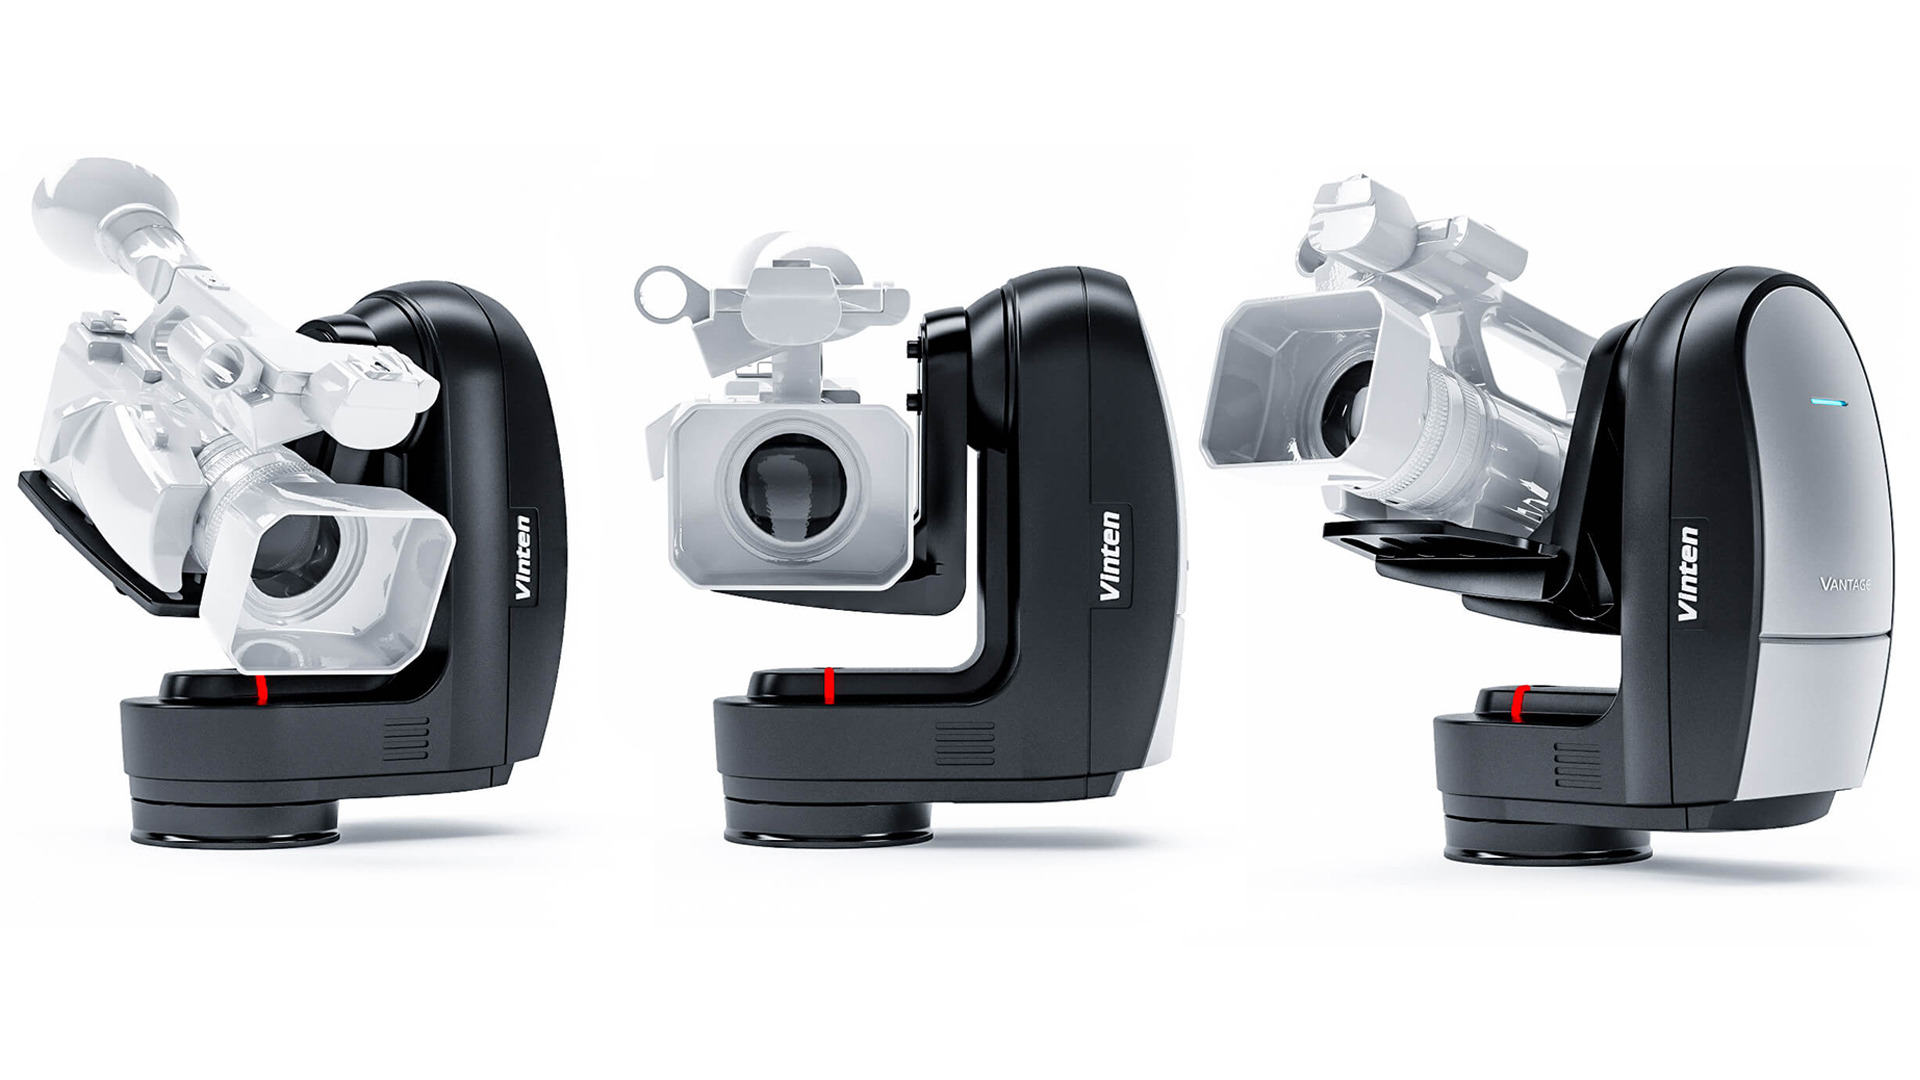 ヴィンテンがVantageを発表-ハンディーカメラ用ロボティックリモートヘッド